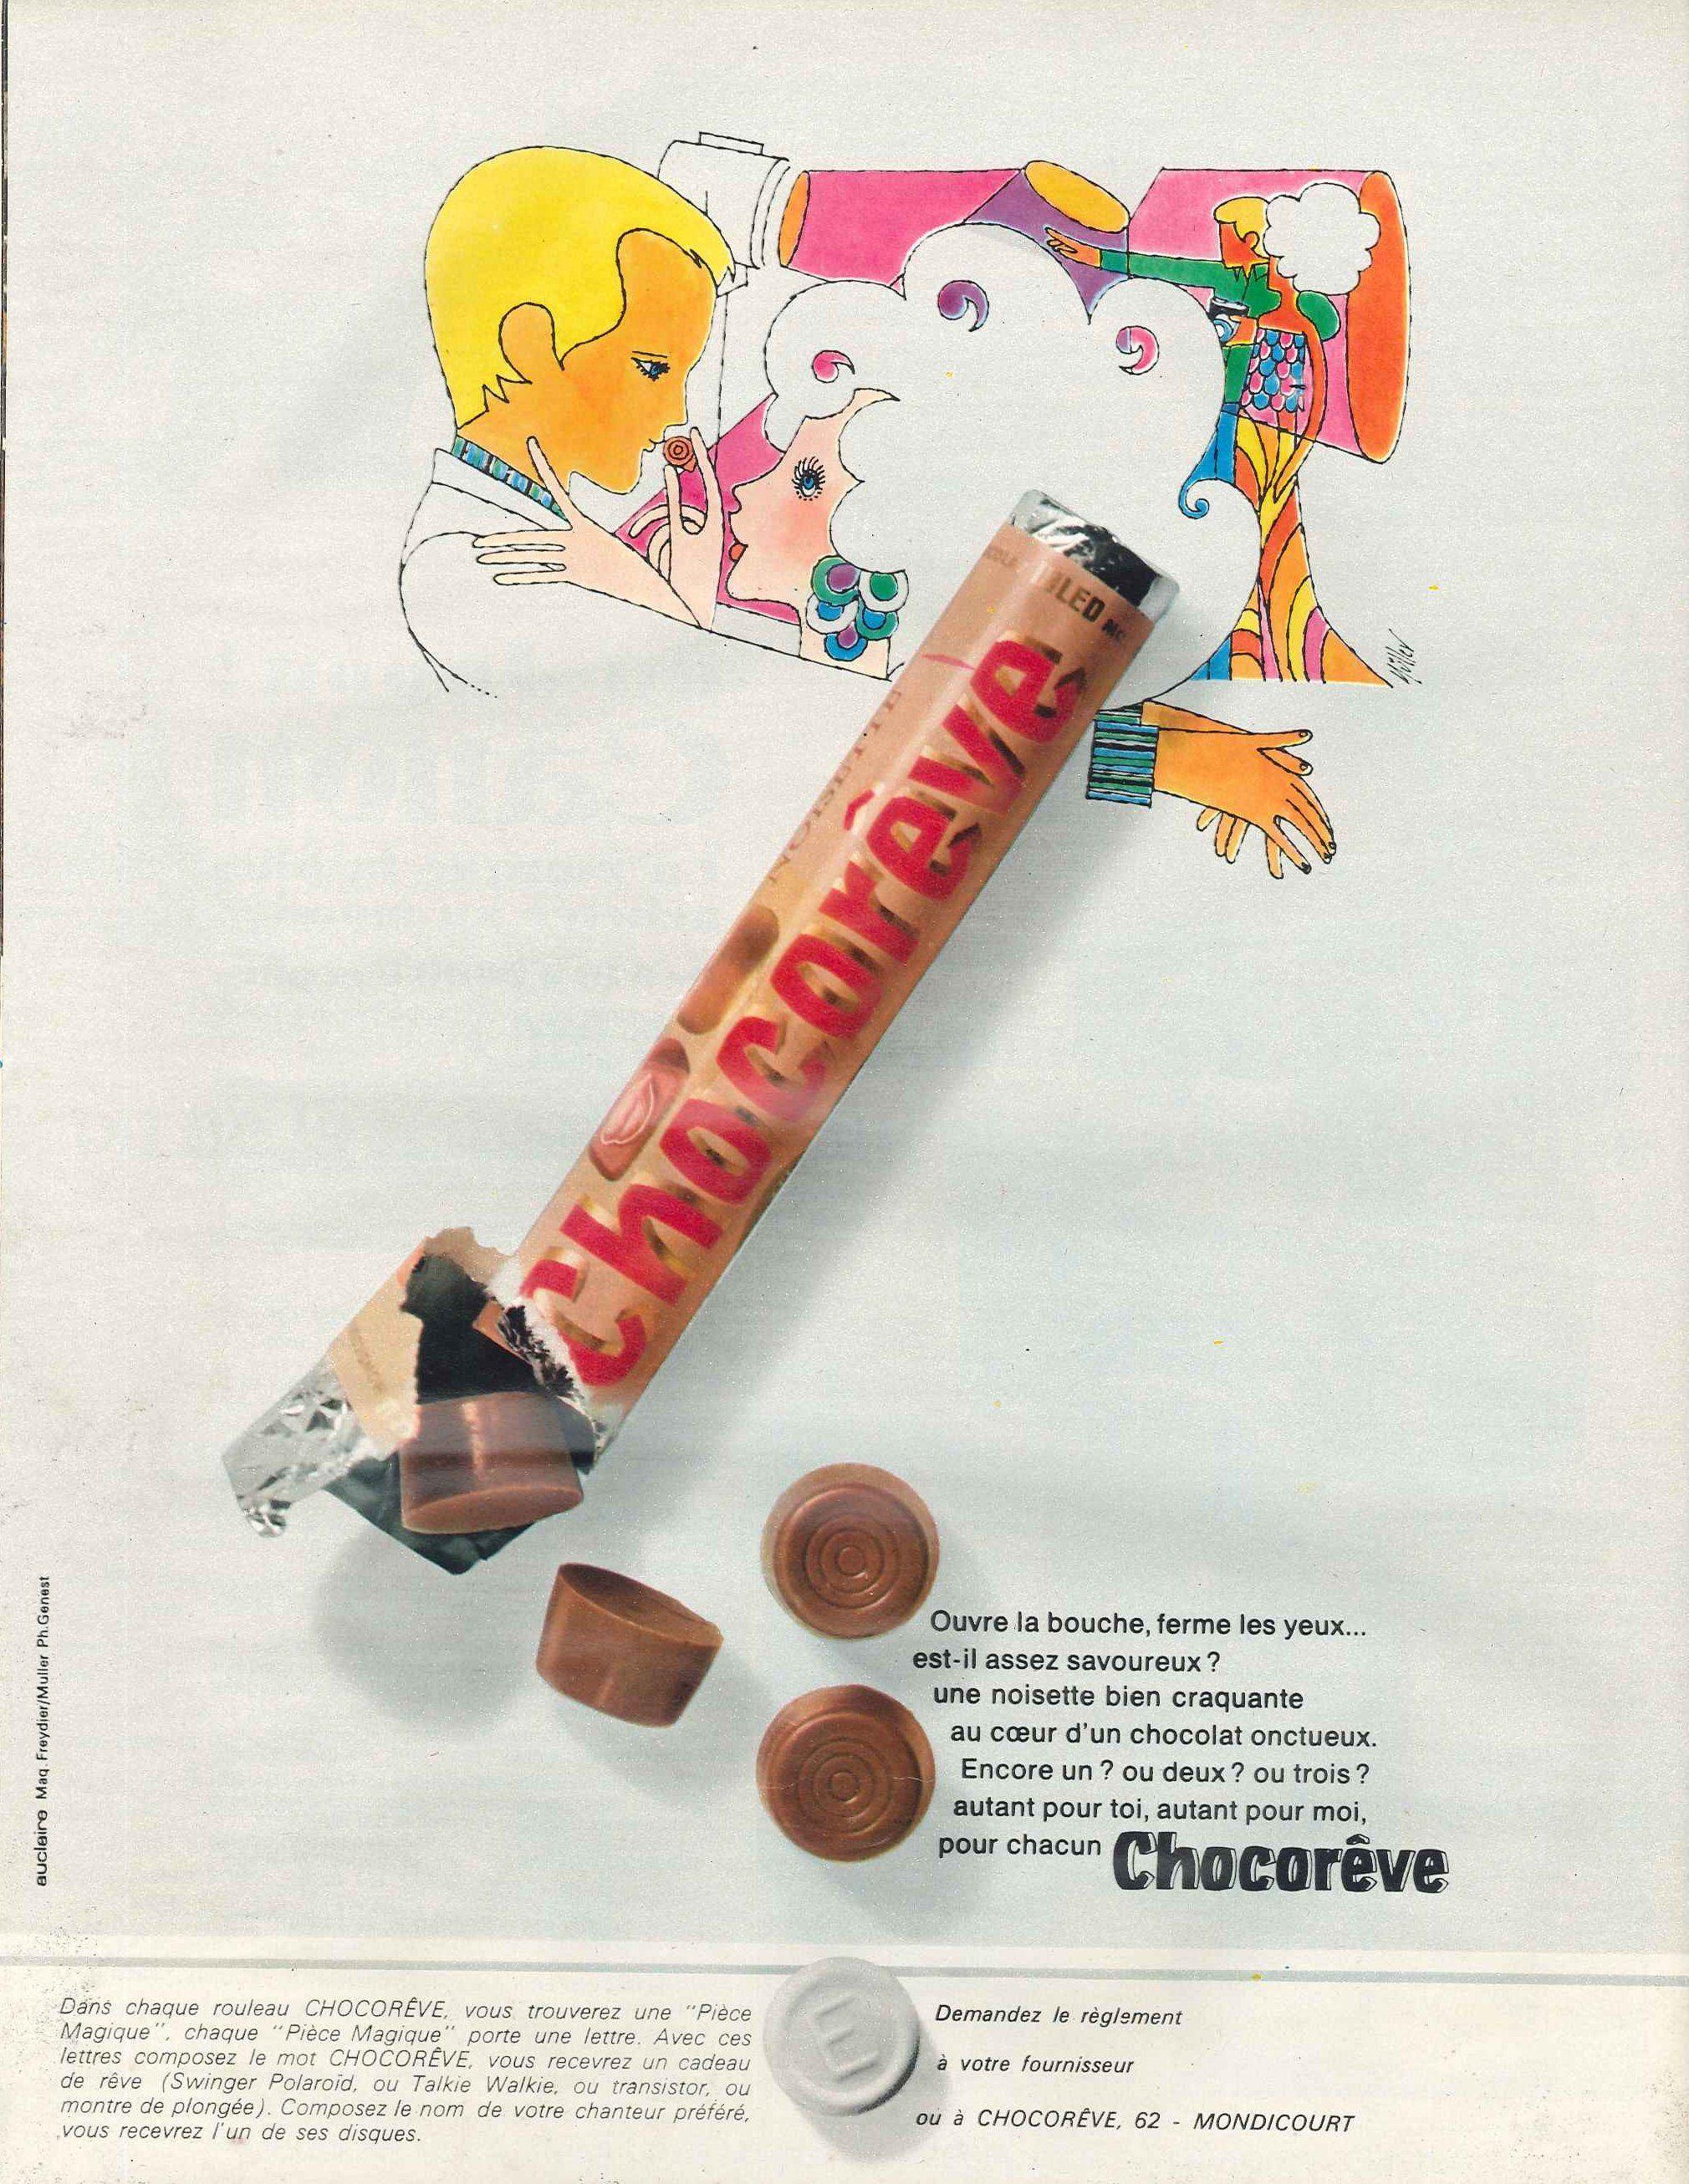 """Ouvre la bouche, ferme les yeux... Chocorêve + opération """"pièce magique"""" - Paris Match, 15 juin 1968"""